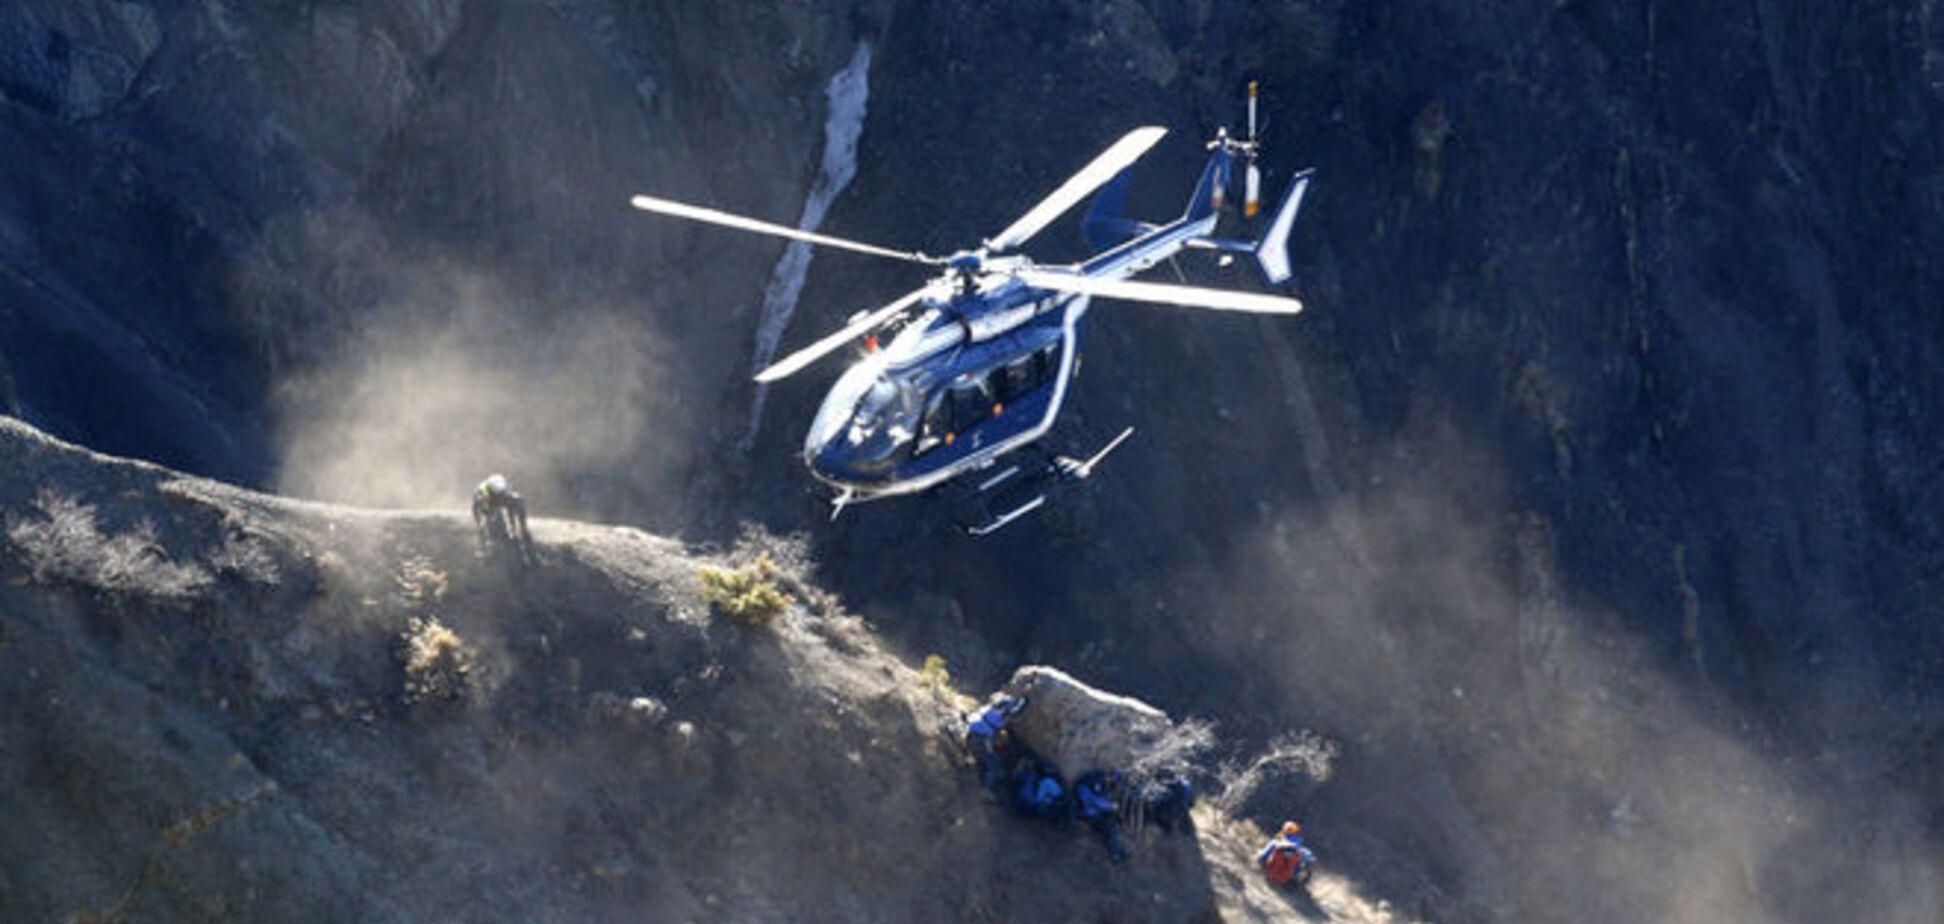 На месте крушения А320 нашли видеозапись последних секунд его полета – СМИ